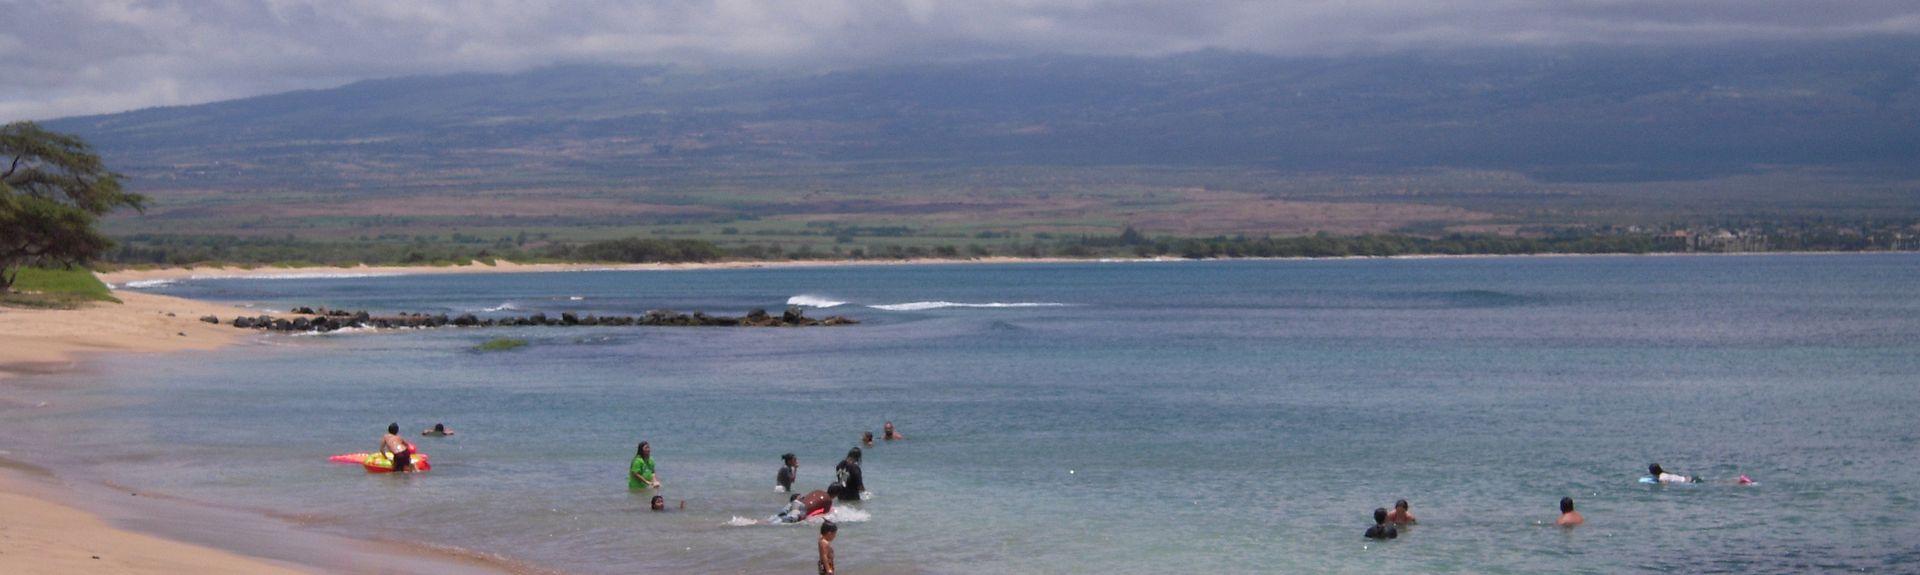 Central Maui, Hawaï, États-Unis d'Amérique